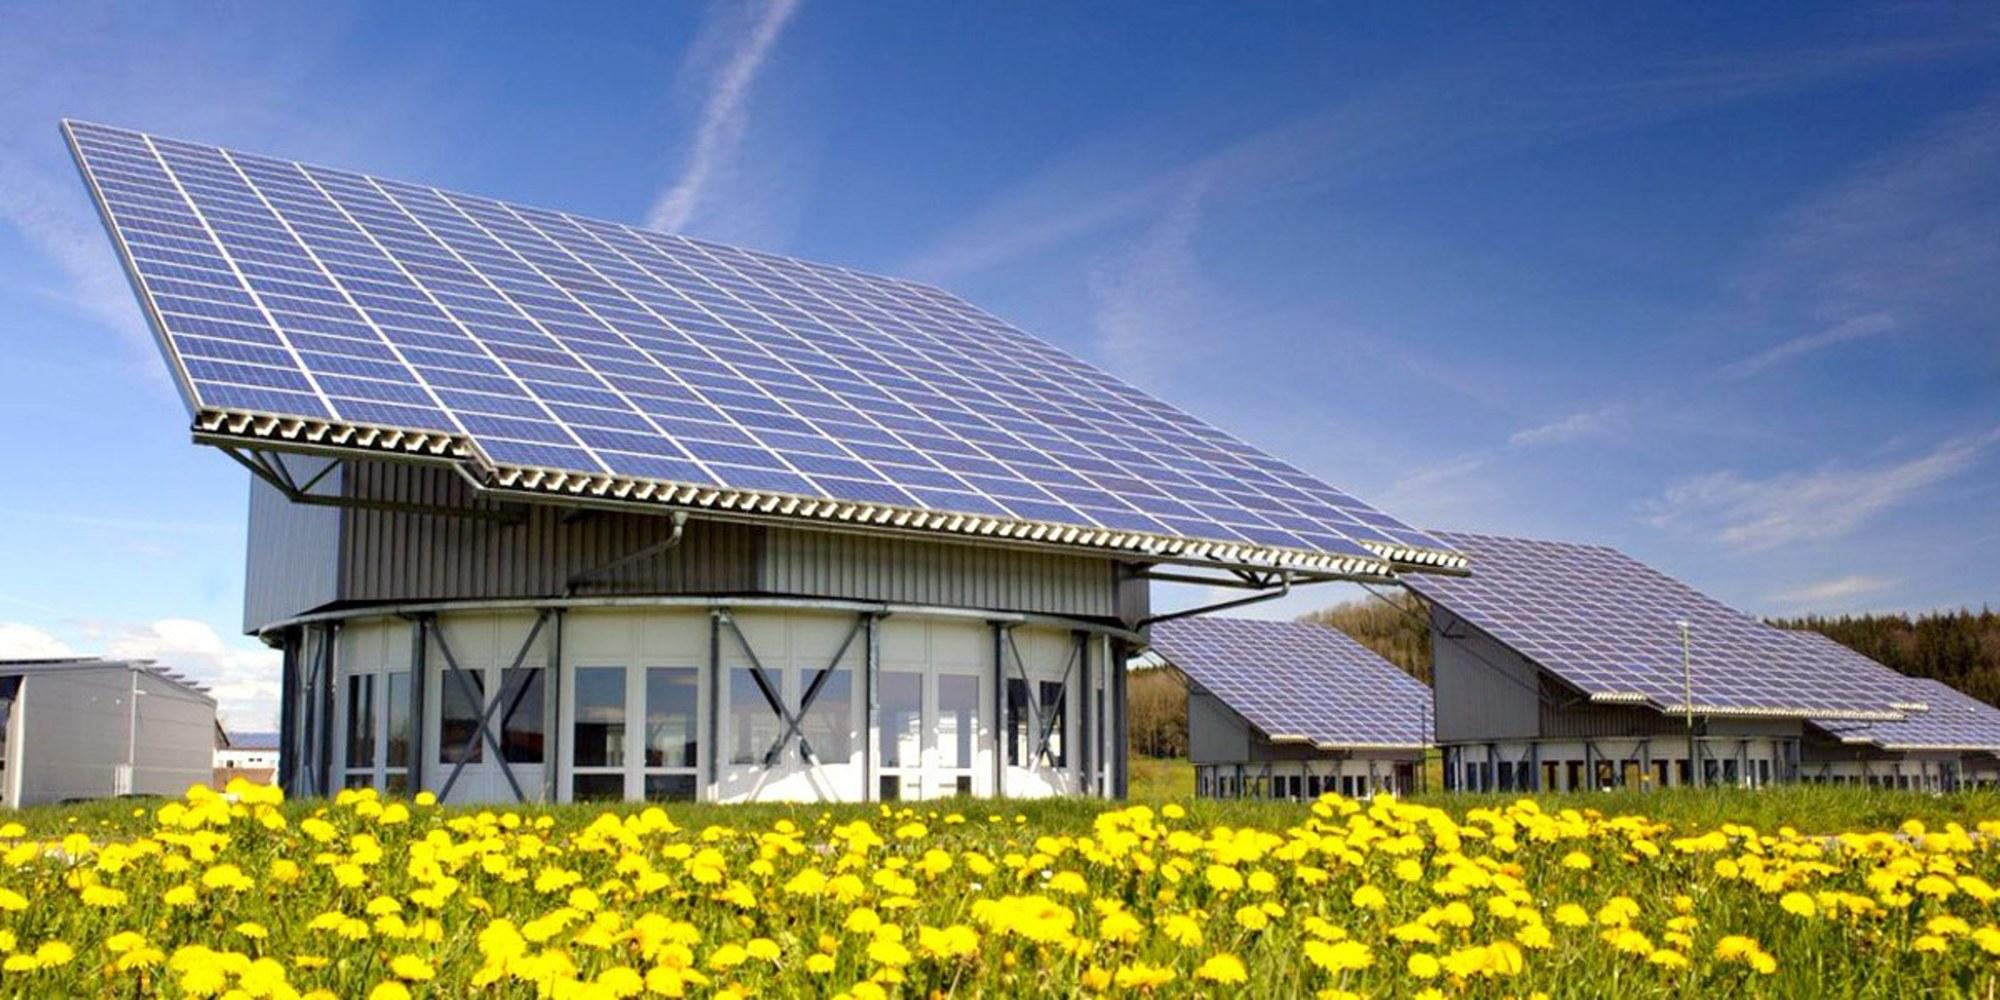 Аккумуляторные системы и альтернативная энергетика перекраивают традиционный рынок энергоуслуг - 3